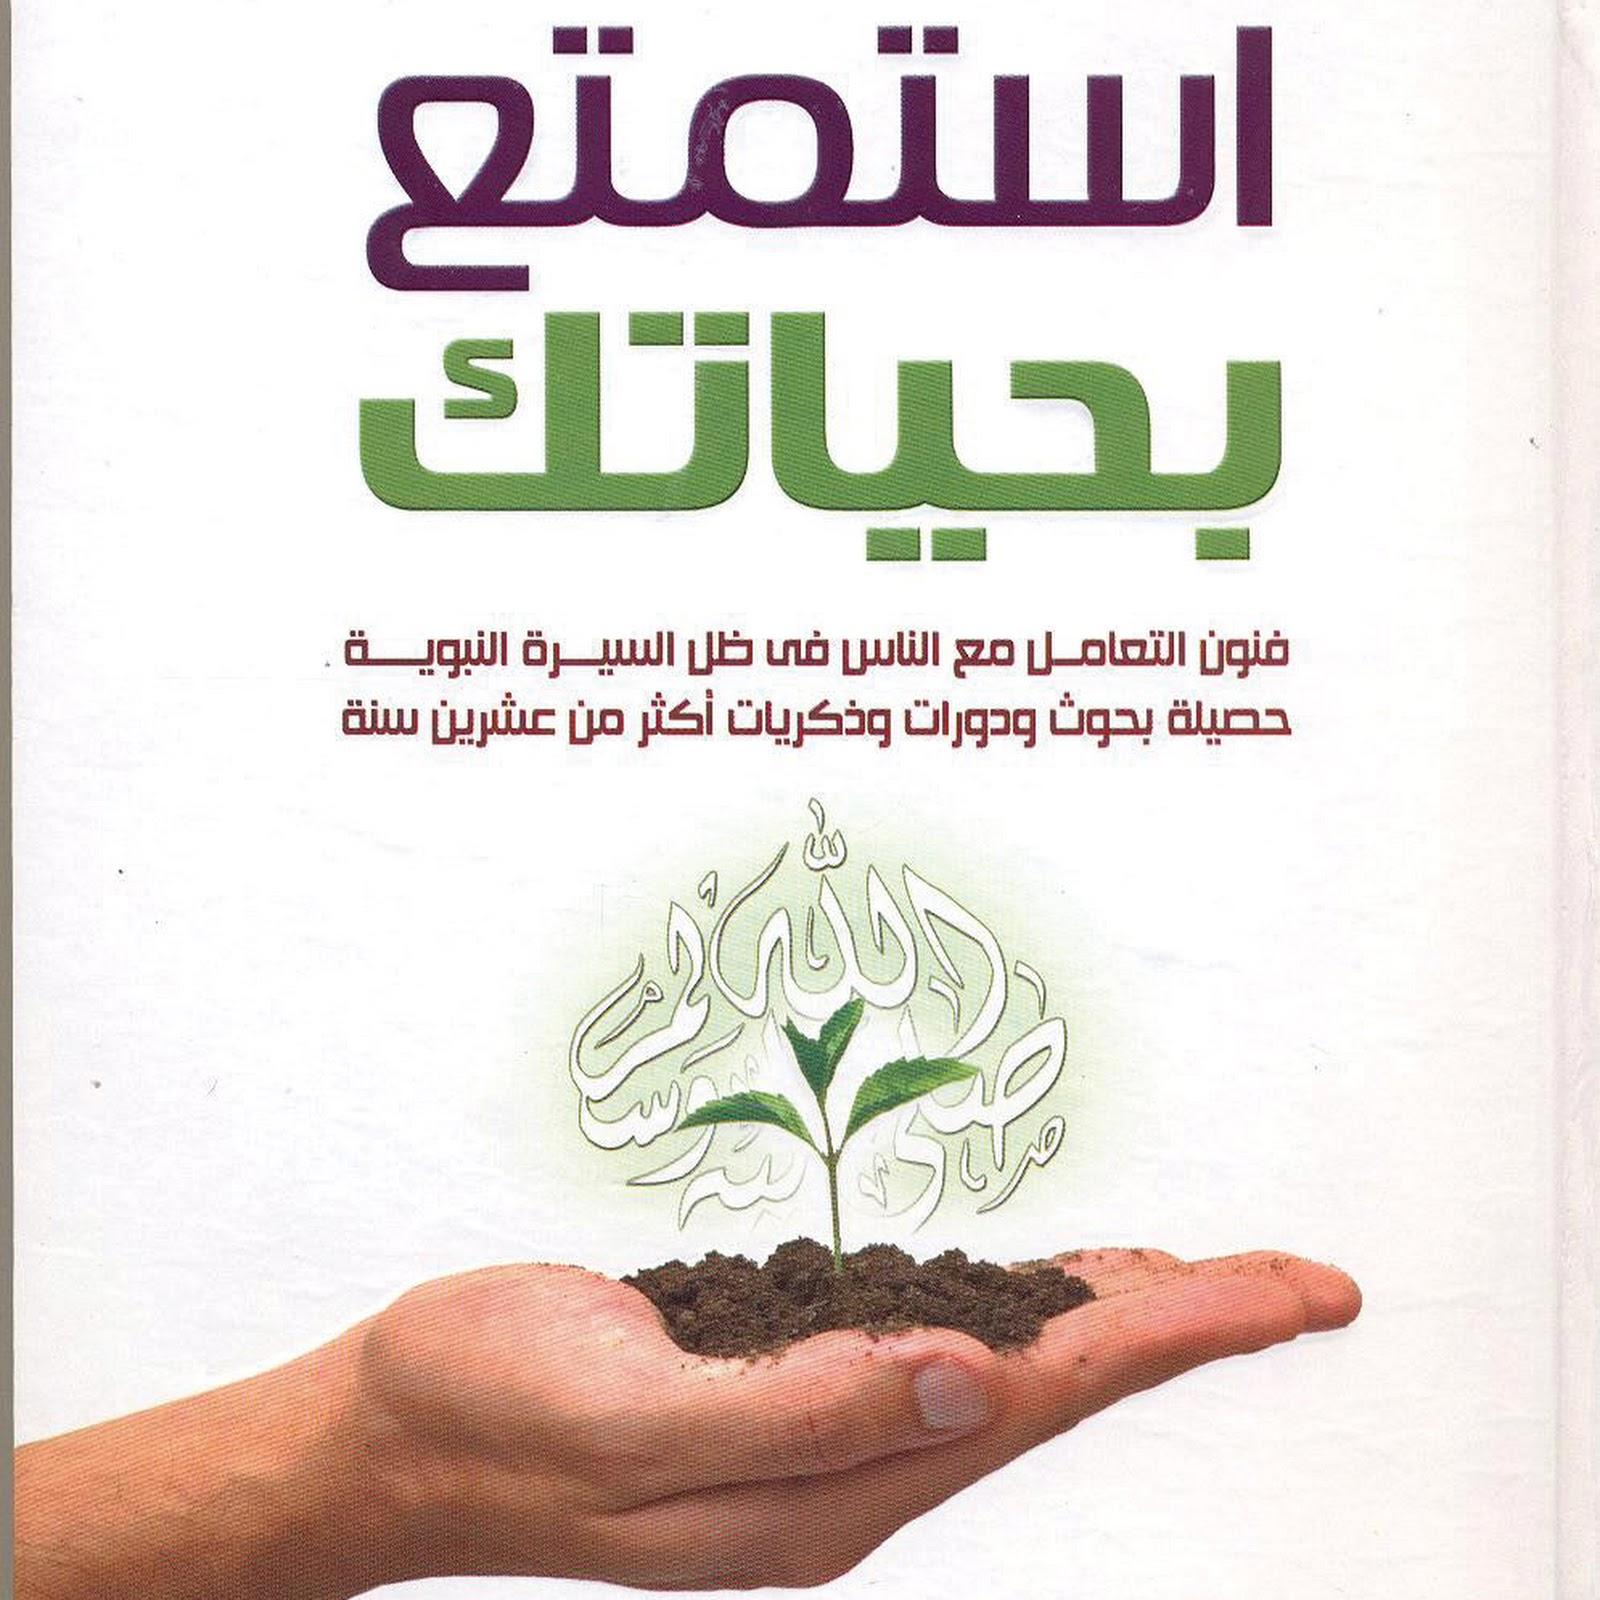 نبذة من كتاب إستمتع بحياتك للكاتب محمد بن عبد الرحمن العريفي